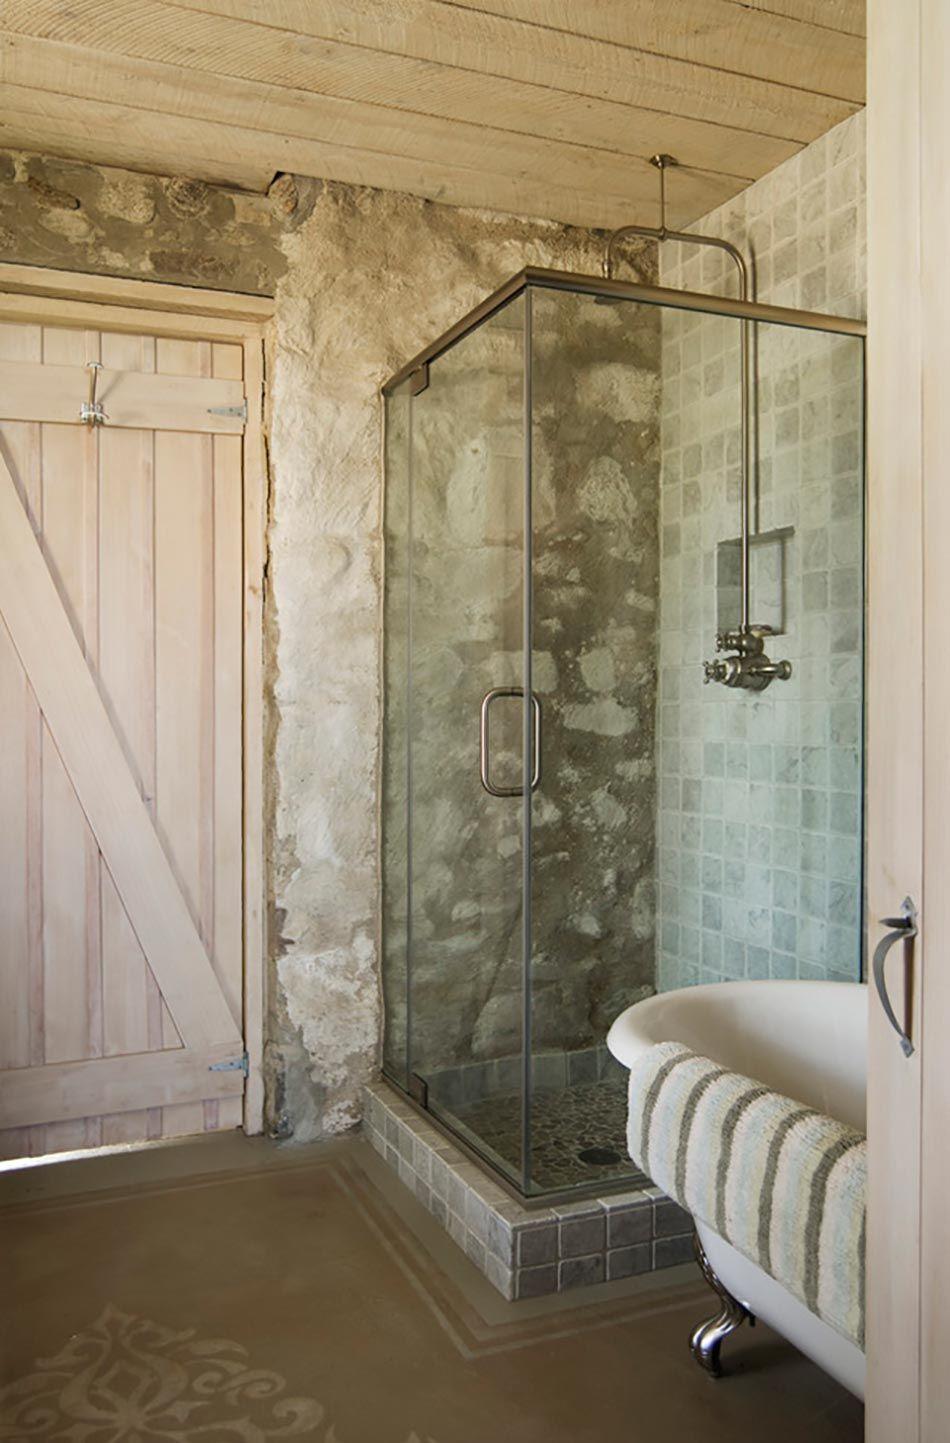 Salle de bain rustique gr ce au mur en pierre cr atif - Belle mere dans la salle de bain ...